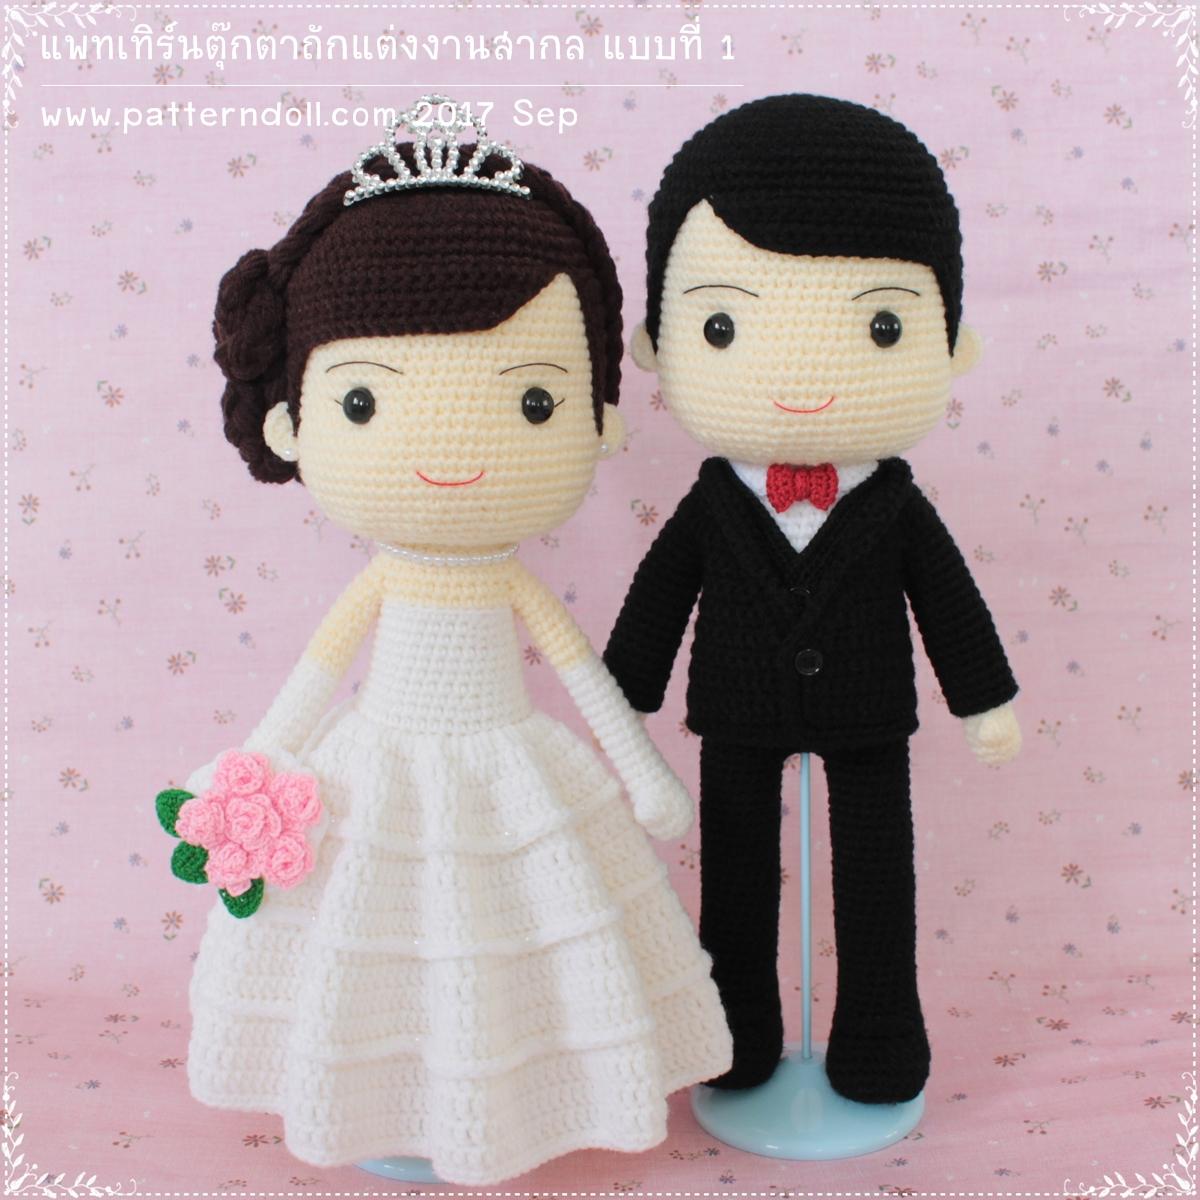 หนังสือแพทเทิร์นตุ๊กตาถัก ชุดแต่งงานสากล แบบที่ 1